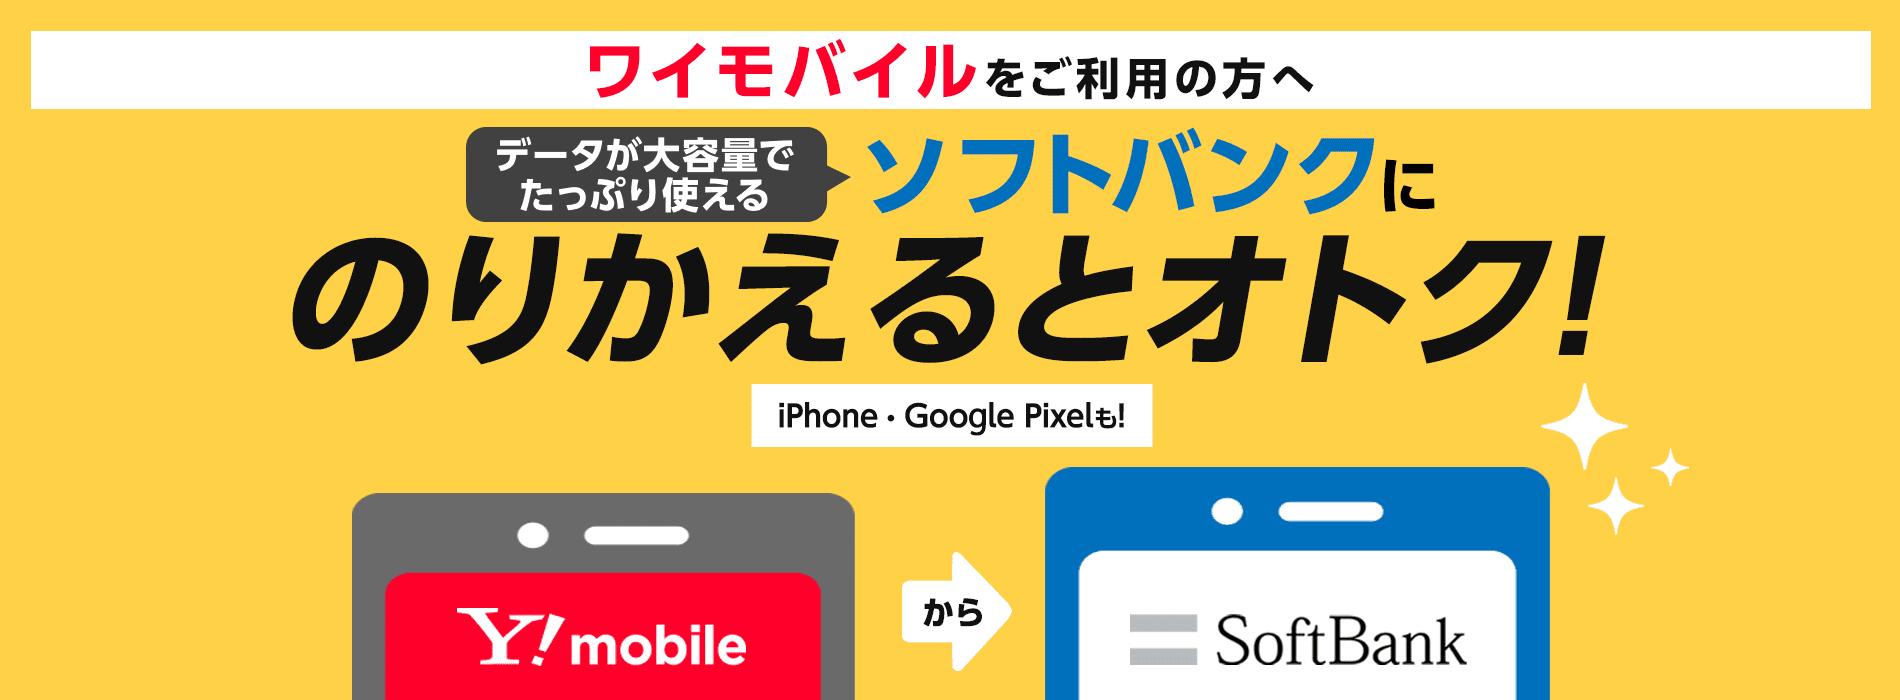 ワイモバイルをご利用の方へデータが大容量でたっぷり使えるソフトバンクにのりかえるとオトク! iPhone・Google Pixelも!